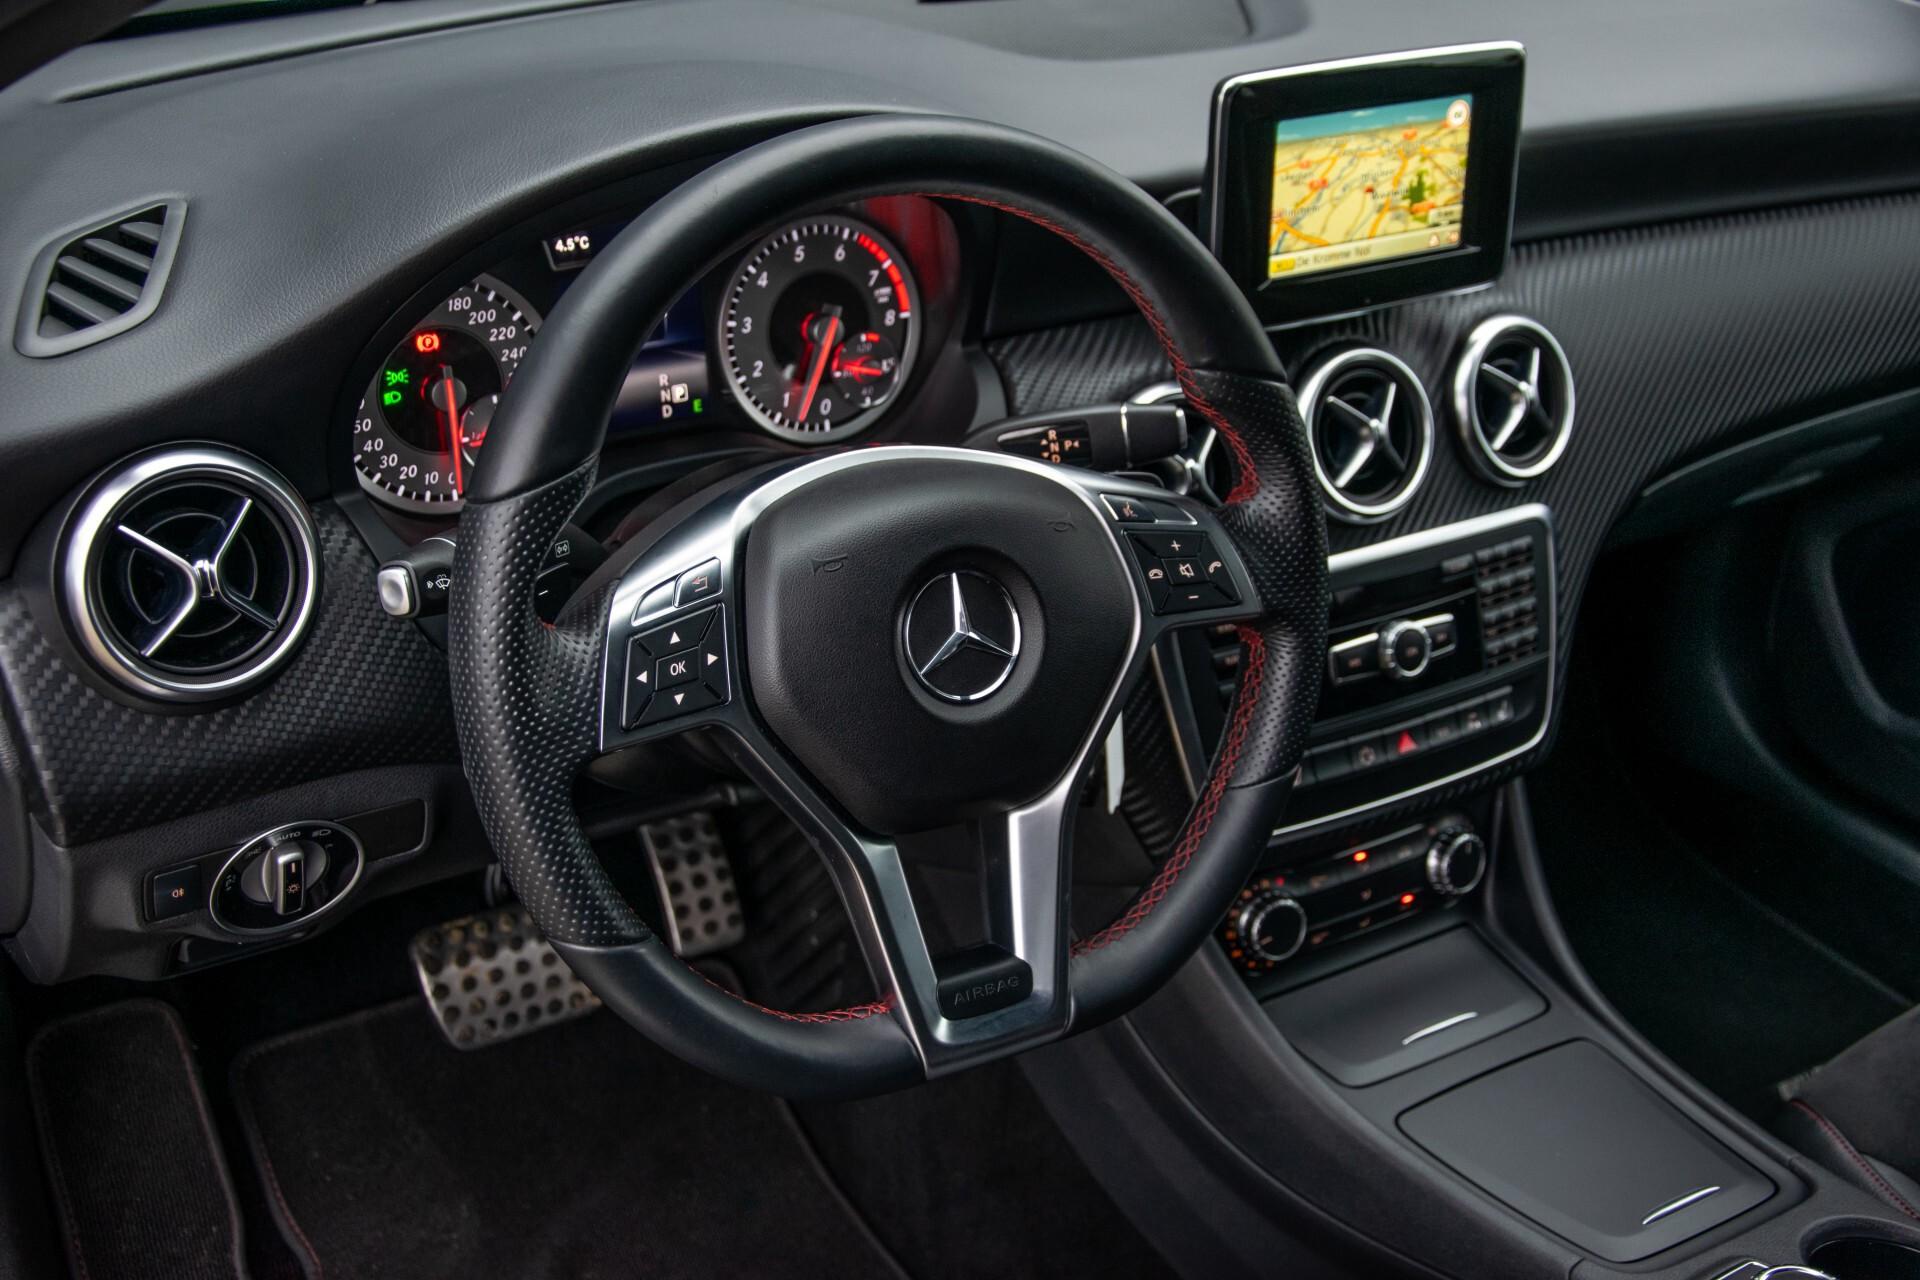 Mercedes-Benz A-Klasse 180 AMG Dynamic Handling/Camera/Xenon/Navi/Privacy Aut7 Foto 16